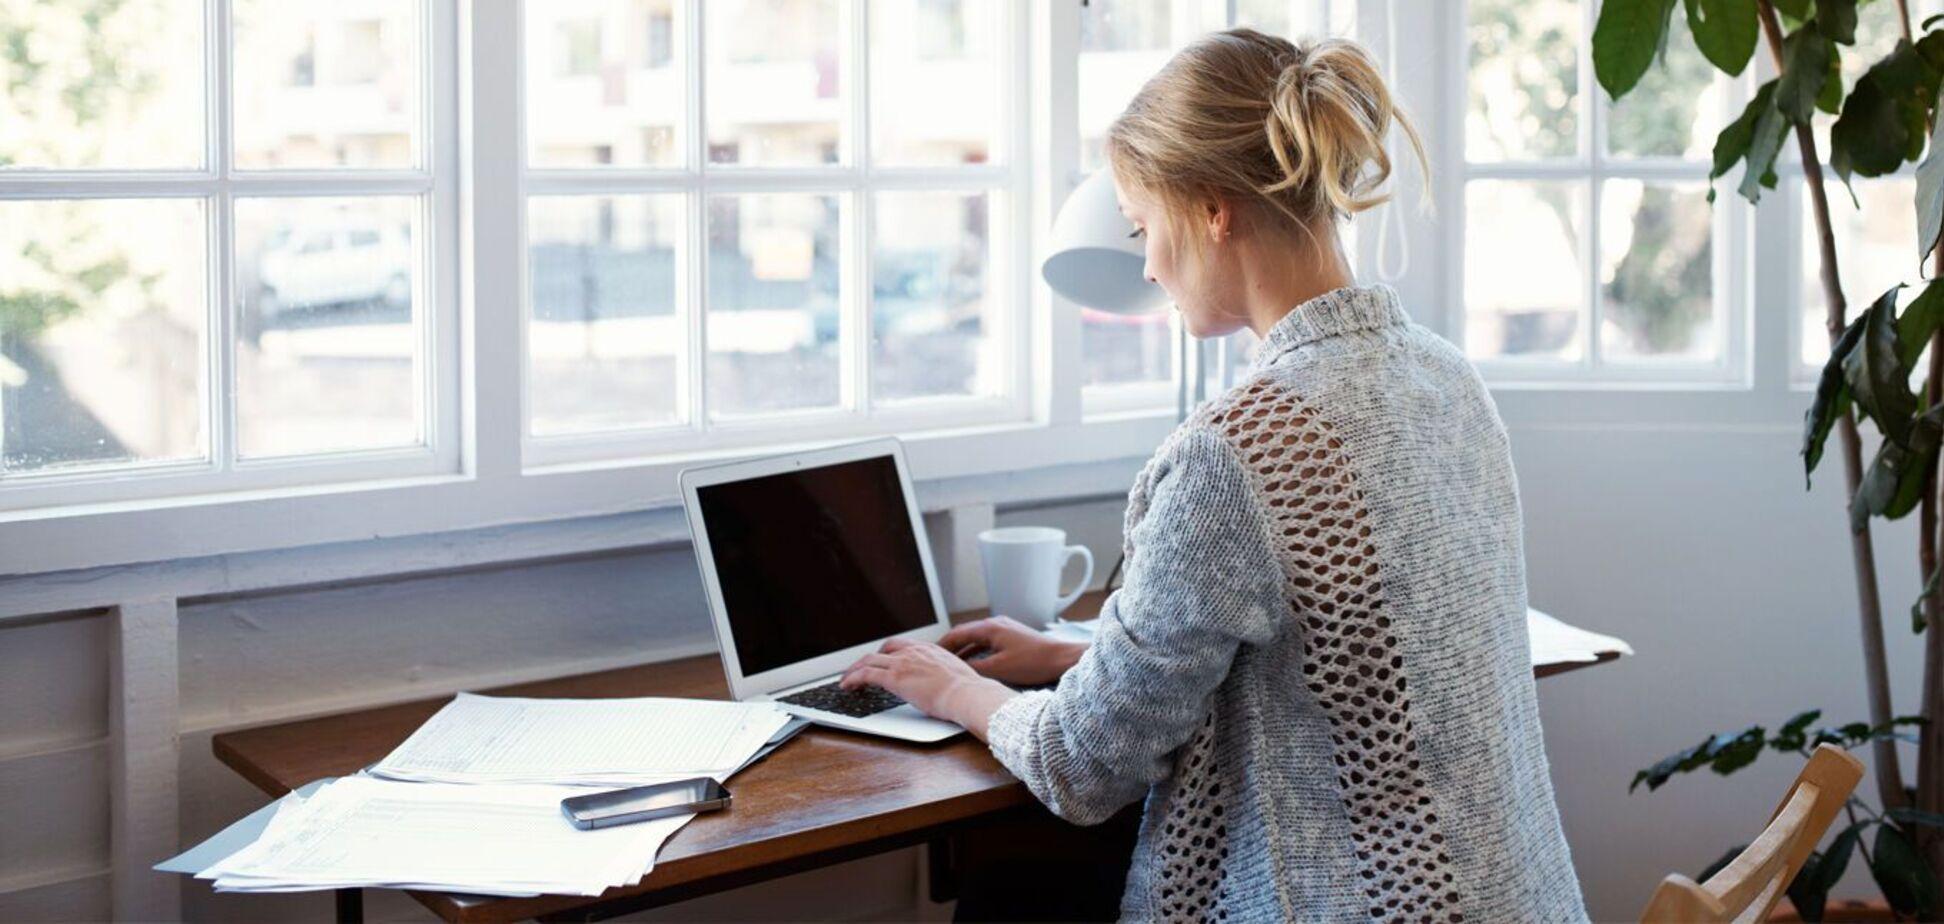 Obozrevatel рассказал, почему важно разделять работу и личное время